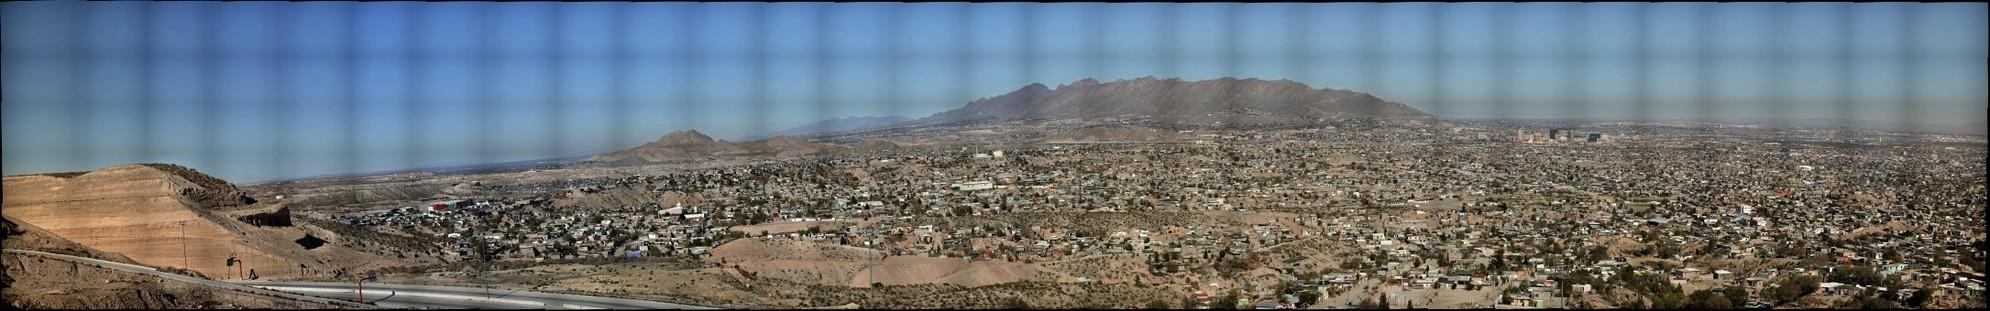 Paso del Norte- El Paso and Ciudad Juarez